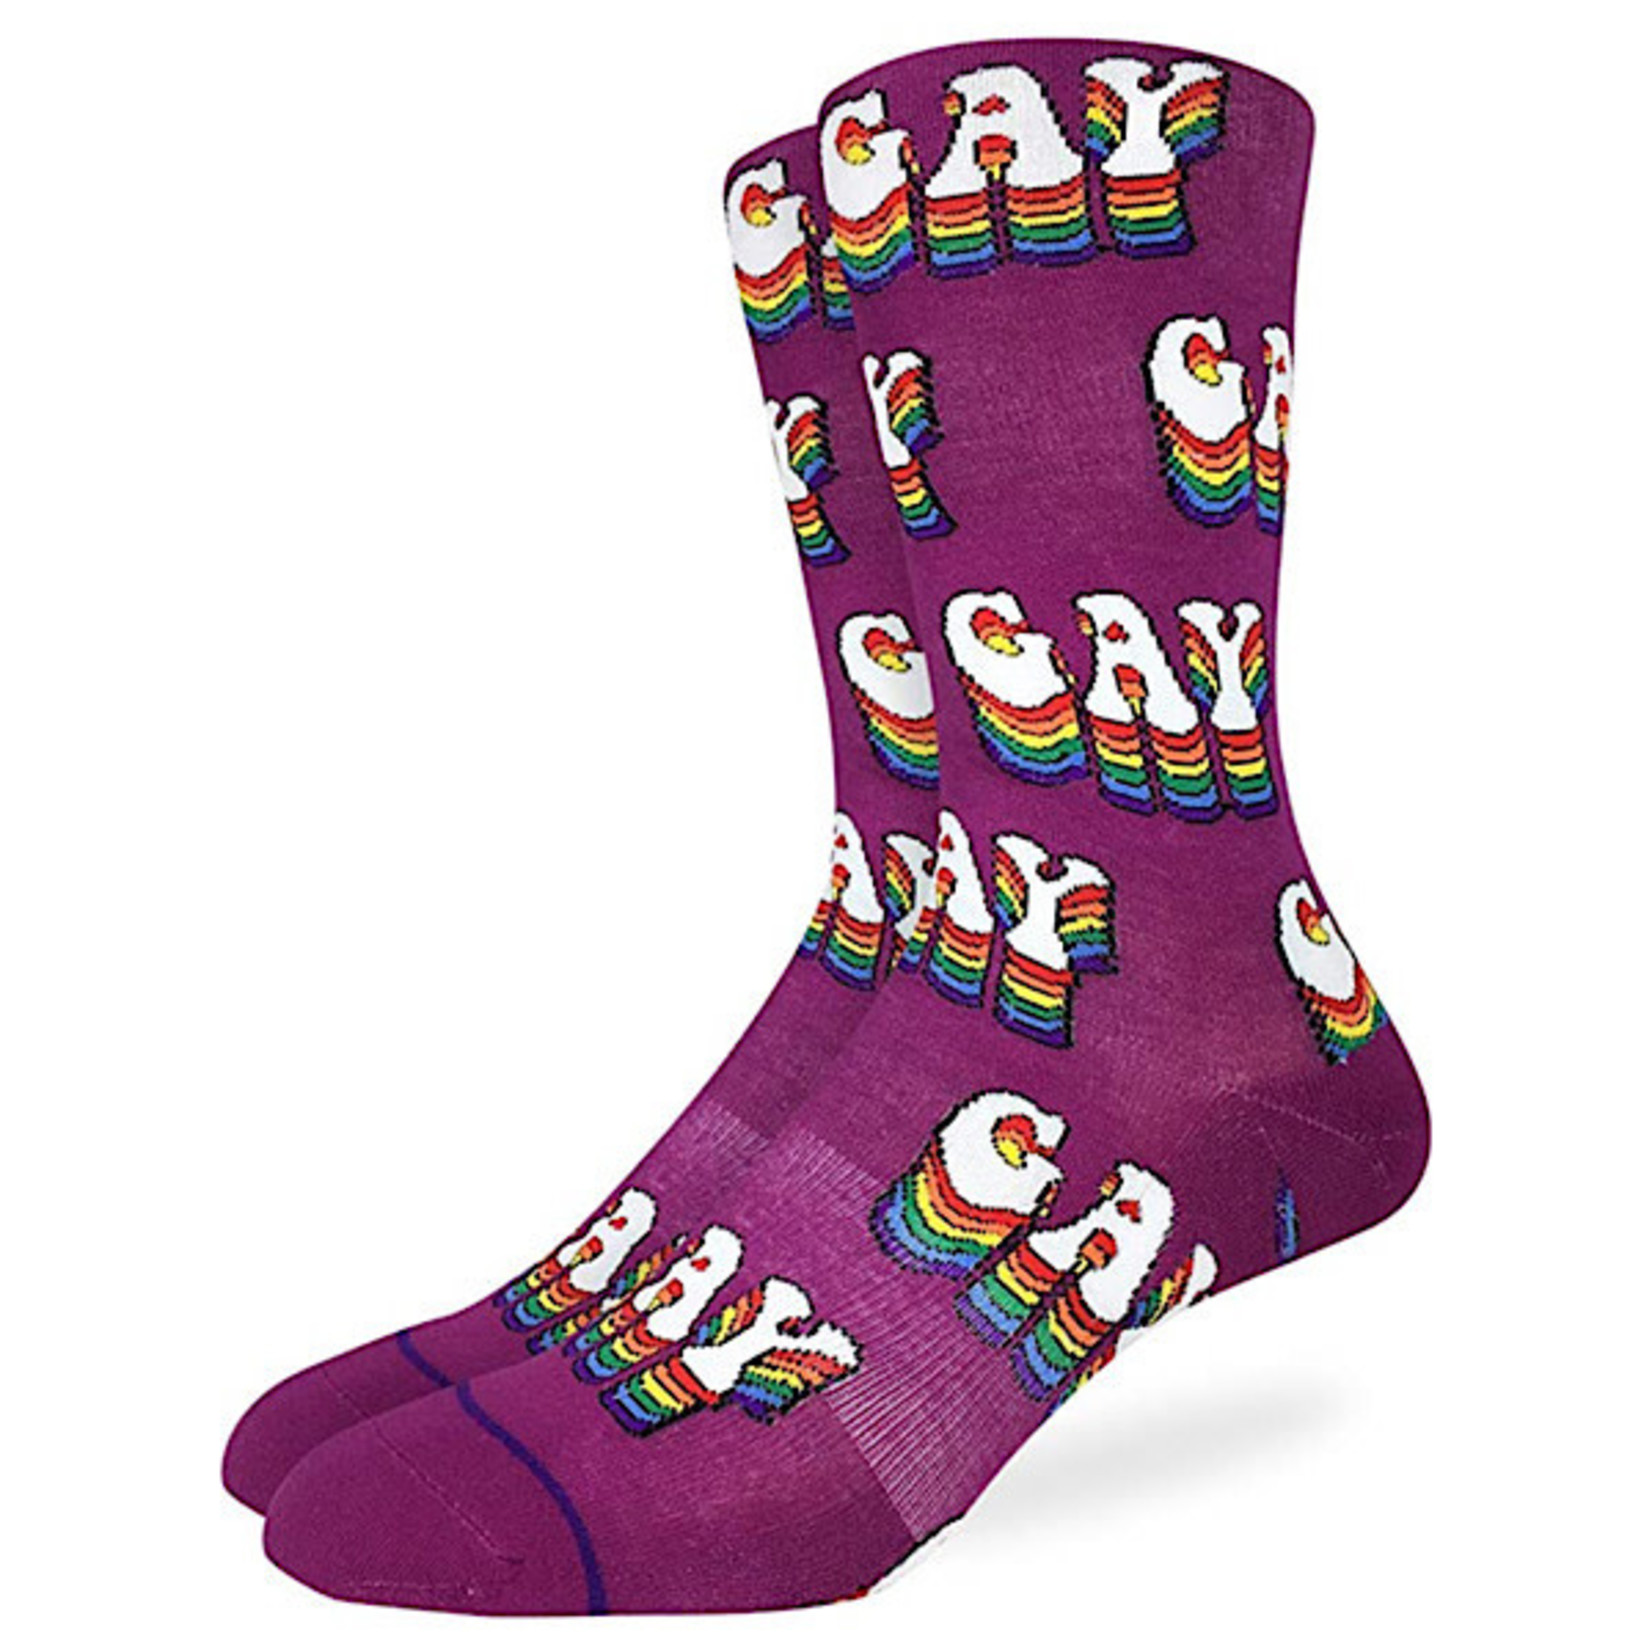 Socks (Mens) - Gay